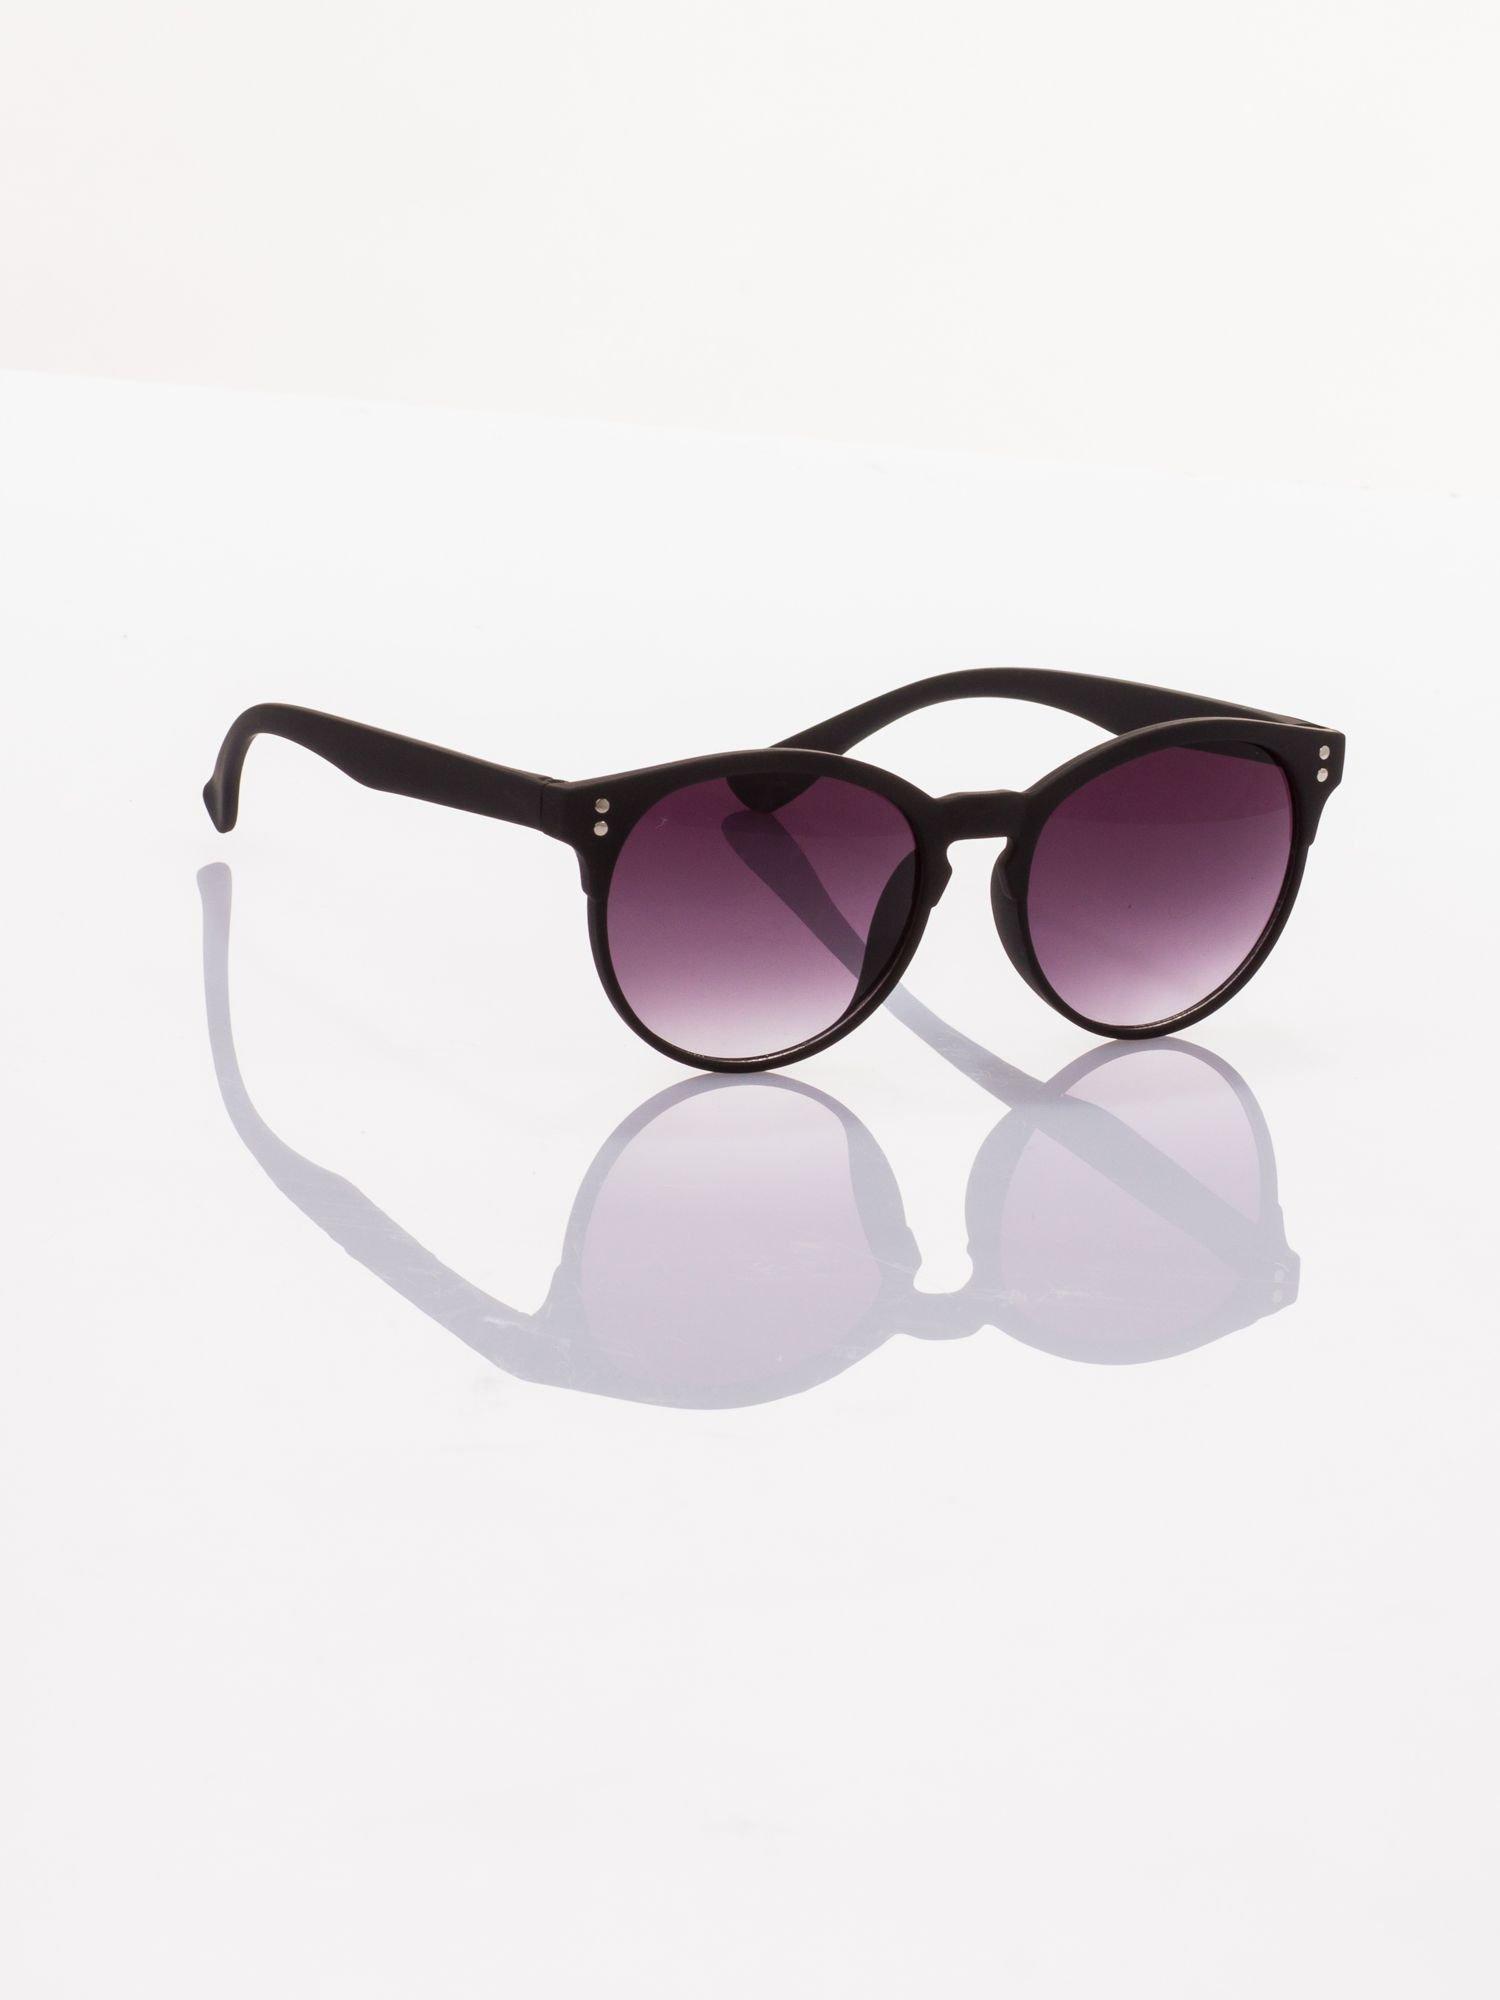 Czarne okulary przeciwsłoneczne w stylu vintage                                  zdj.                                  2